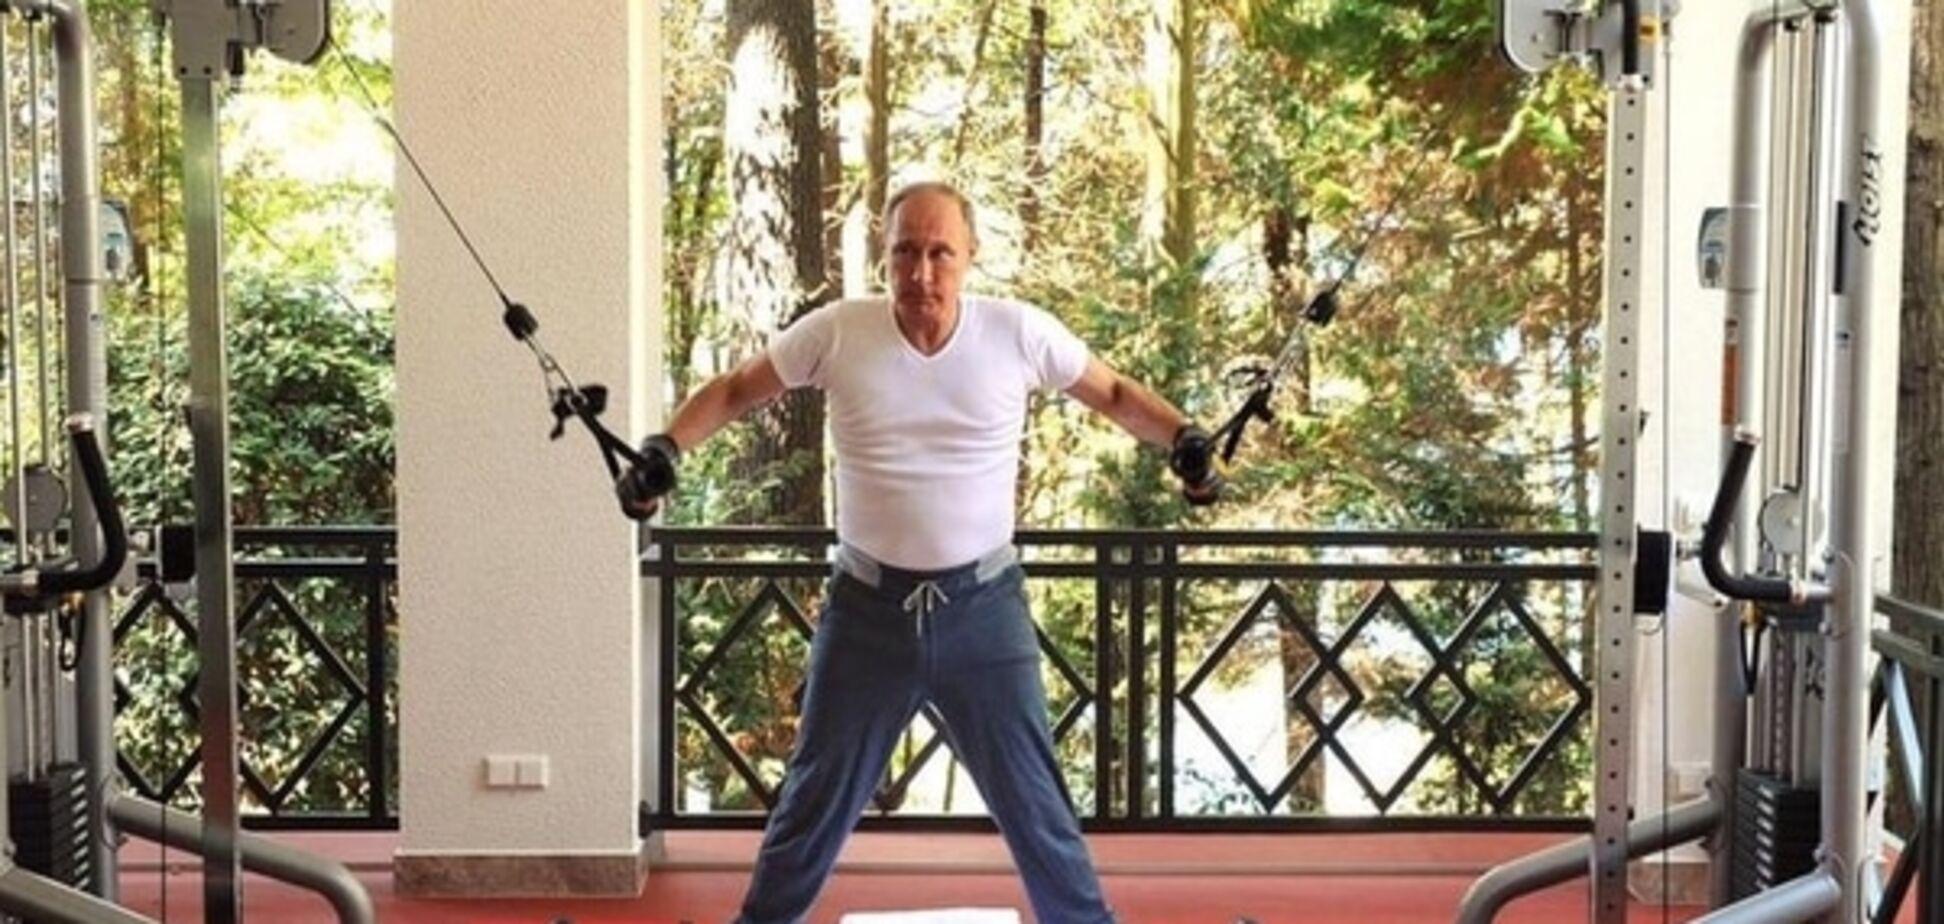 'Нісенітниця'. Американський журнал для культуристів висміяв тренування Путіна